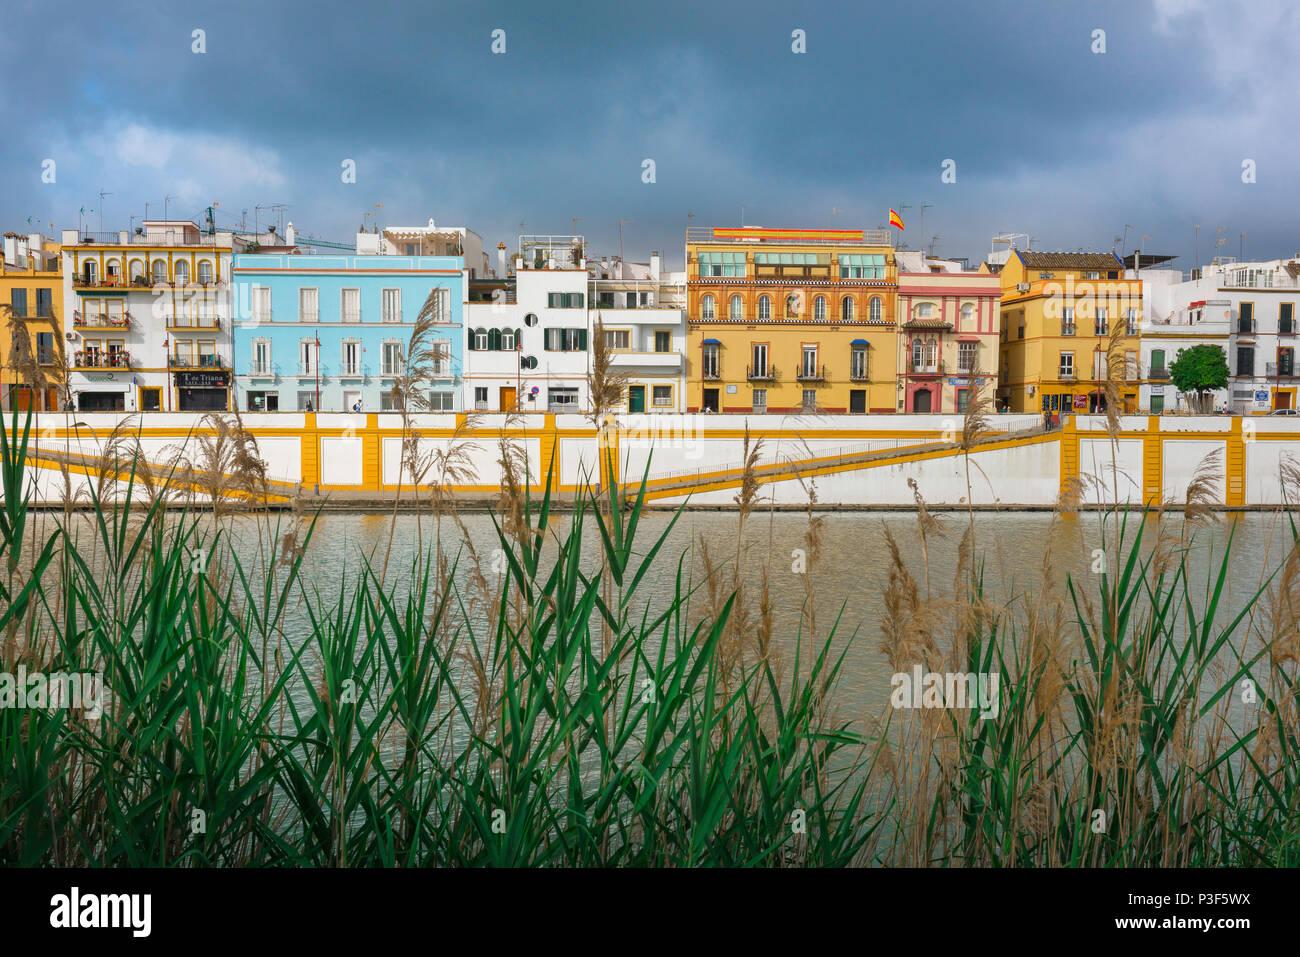 Andalousie rivière, vue sur les maisons et appartements dans le quartier Triana de Séville - Séville - aux côtés de la Rio Guadalquivir en Andalousie, espagne. Photo Stock